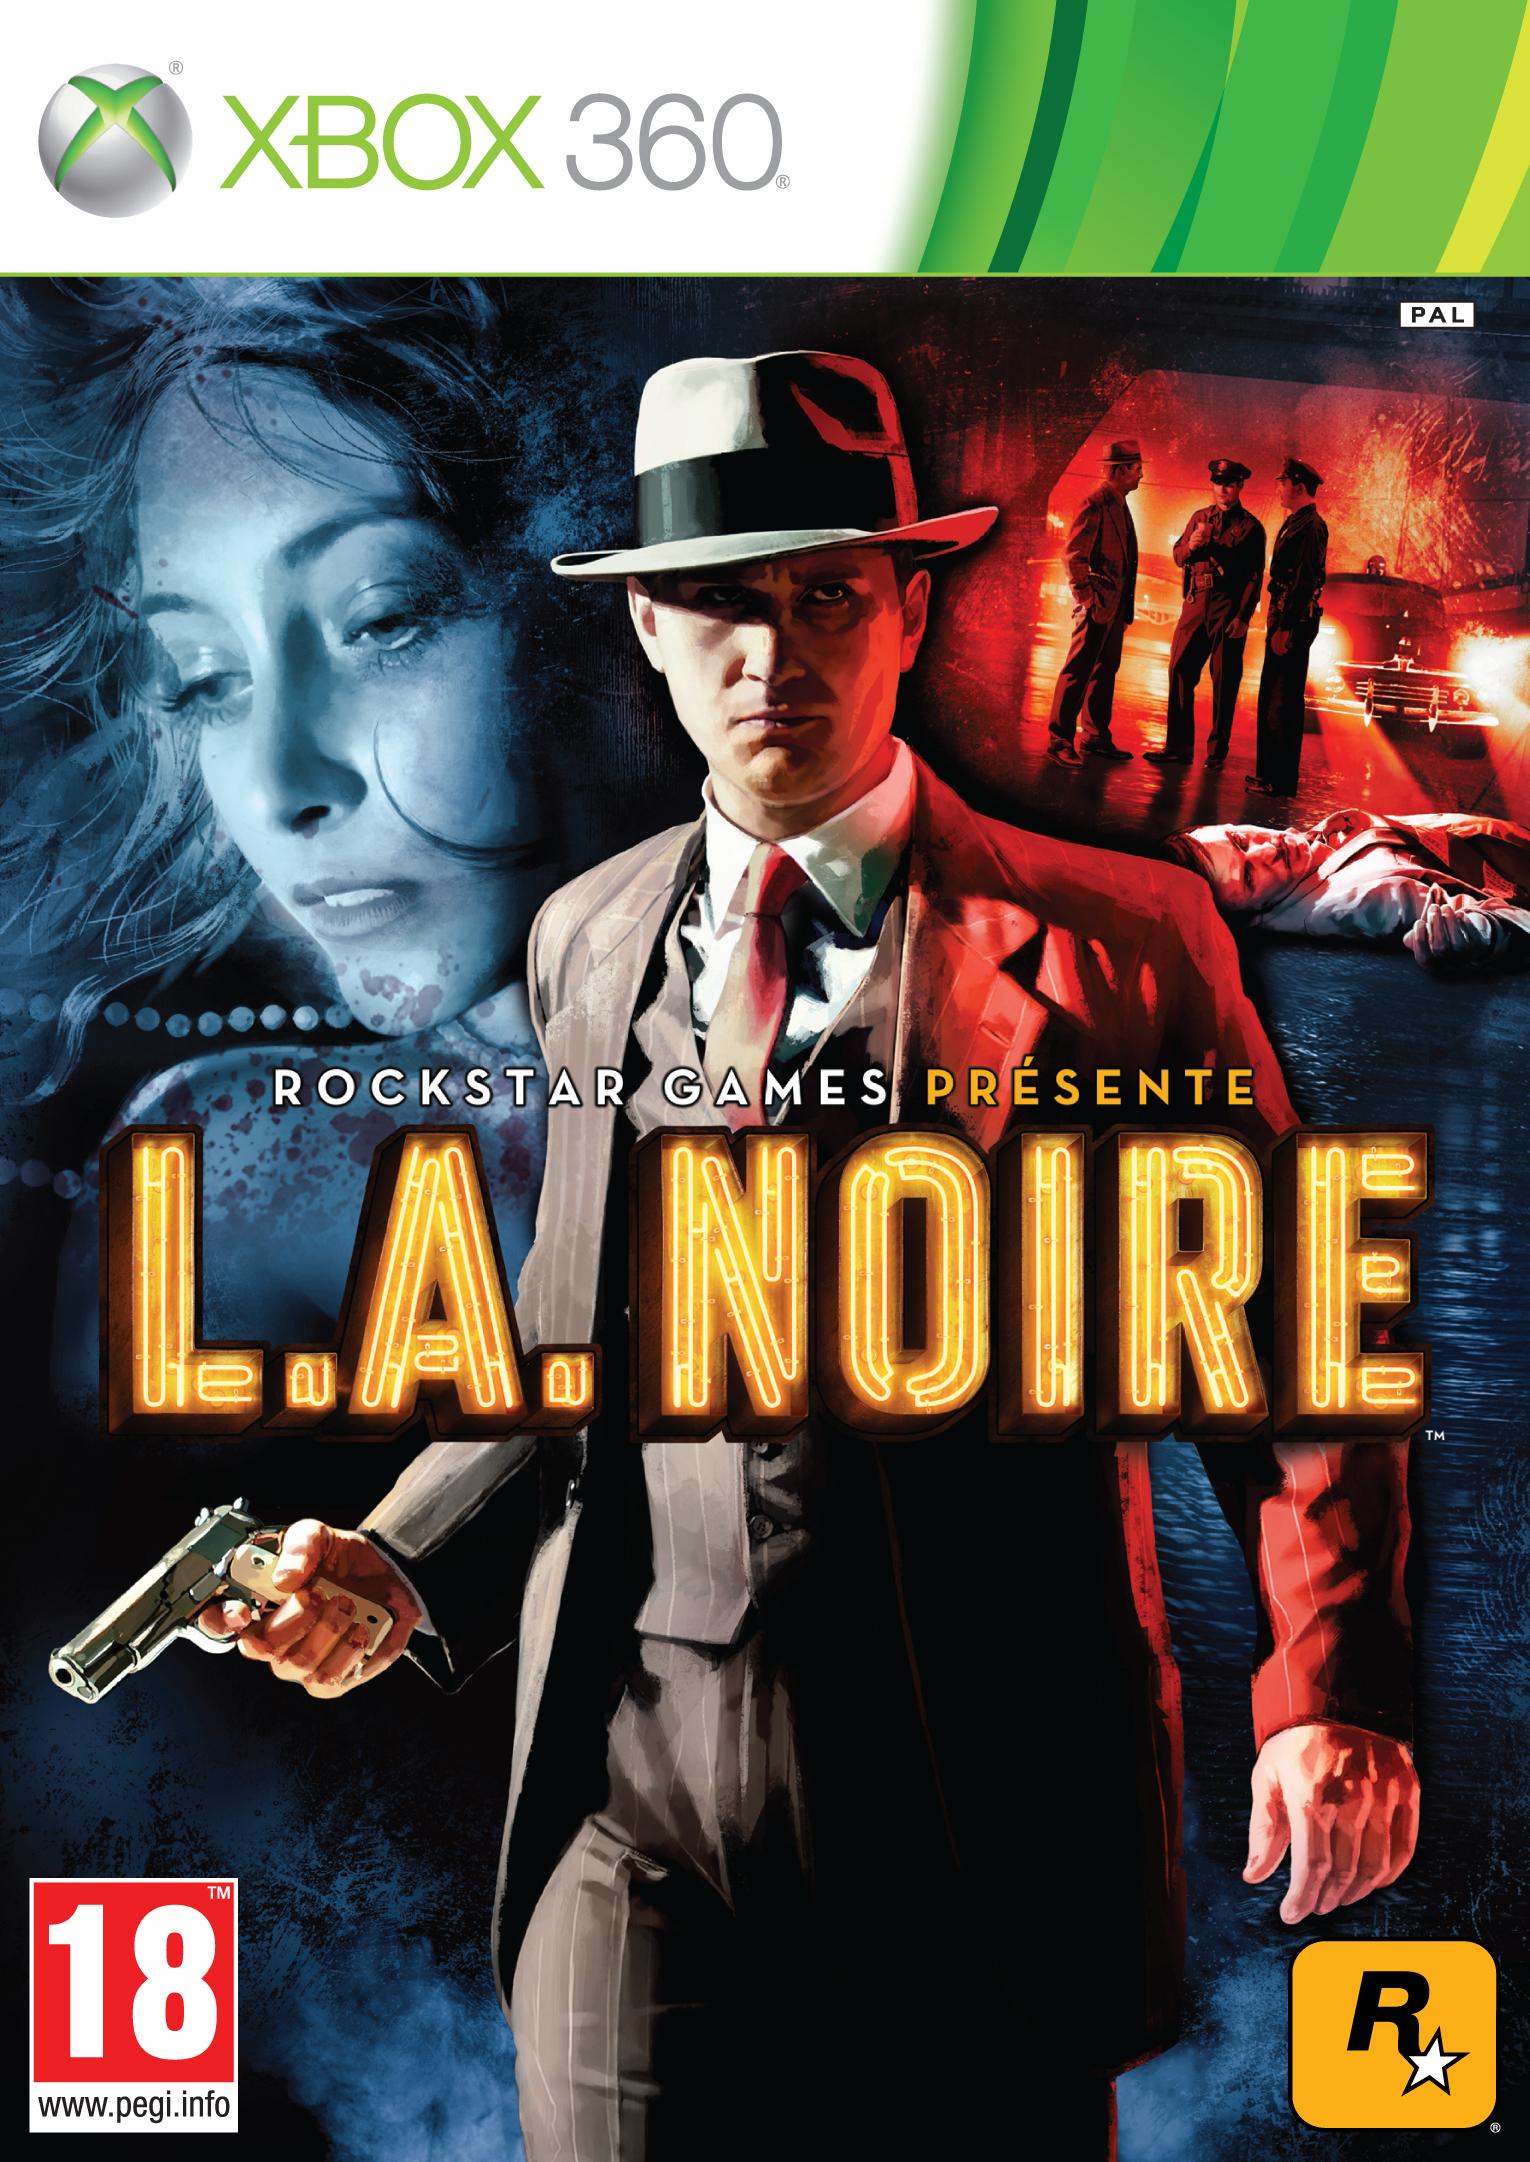 L.A.Noire 360 Jaquette 004